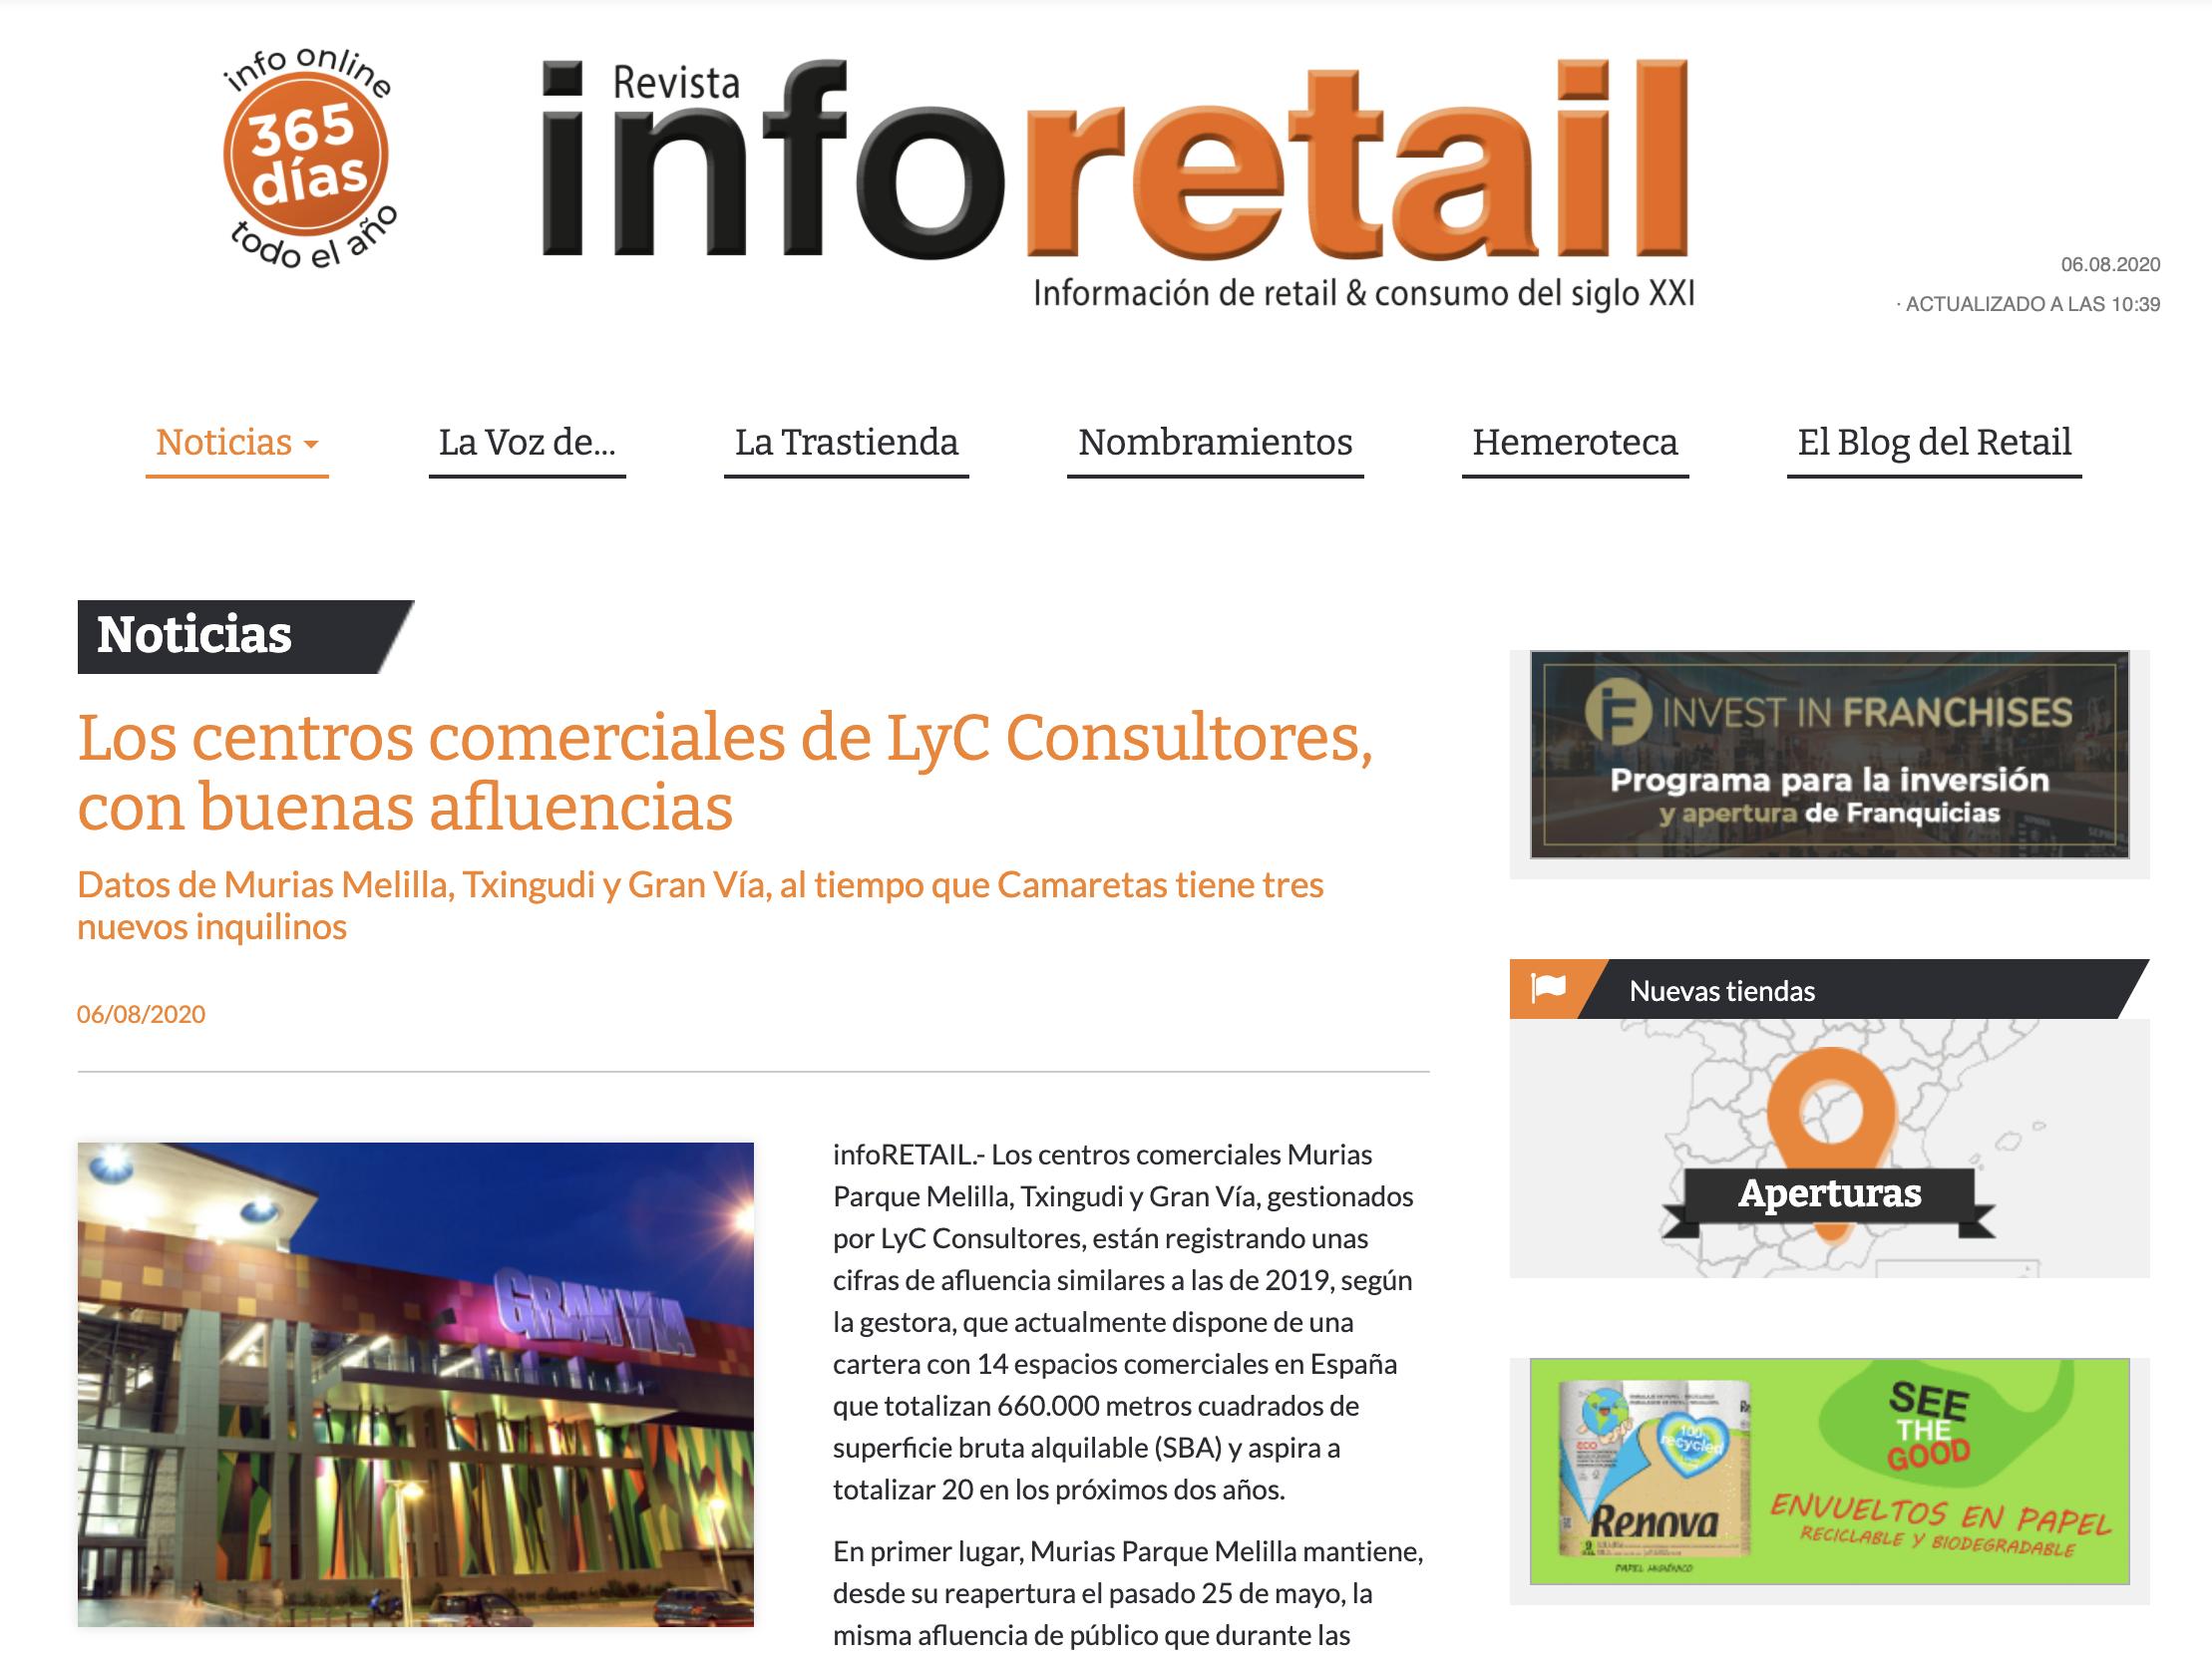 Los centros comerciales de LyC Consultores, con buenas afluencias